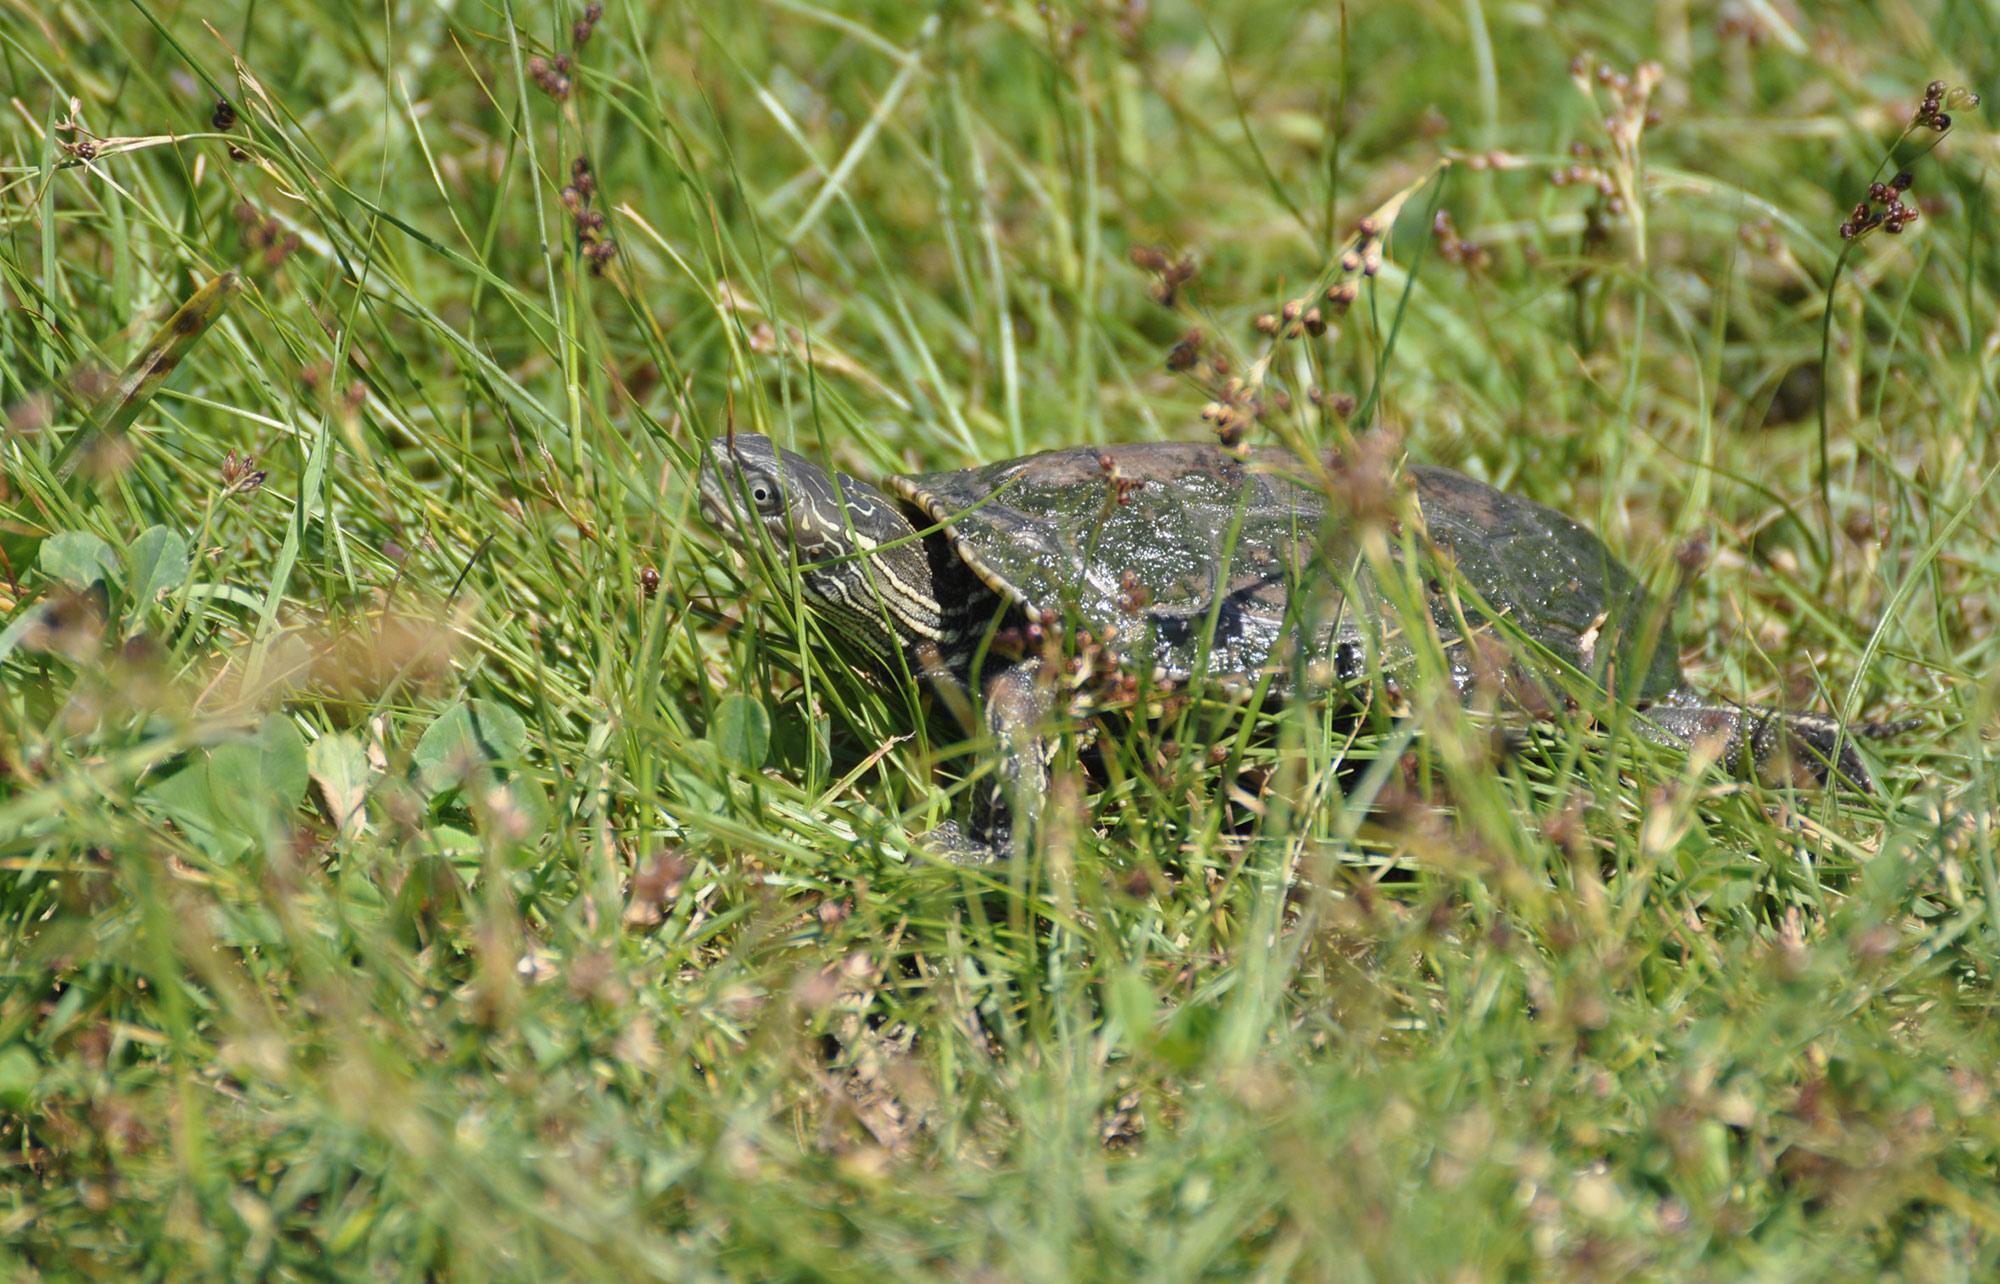 Populacijska istraživanja riječne kornjače u Dubrovačko-neretvanskoj županiji